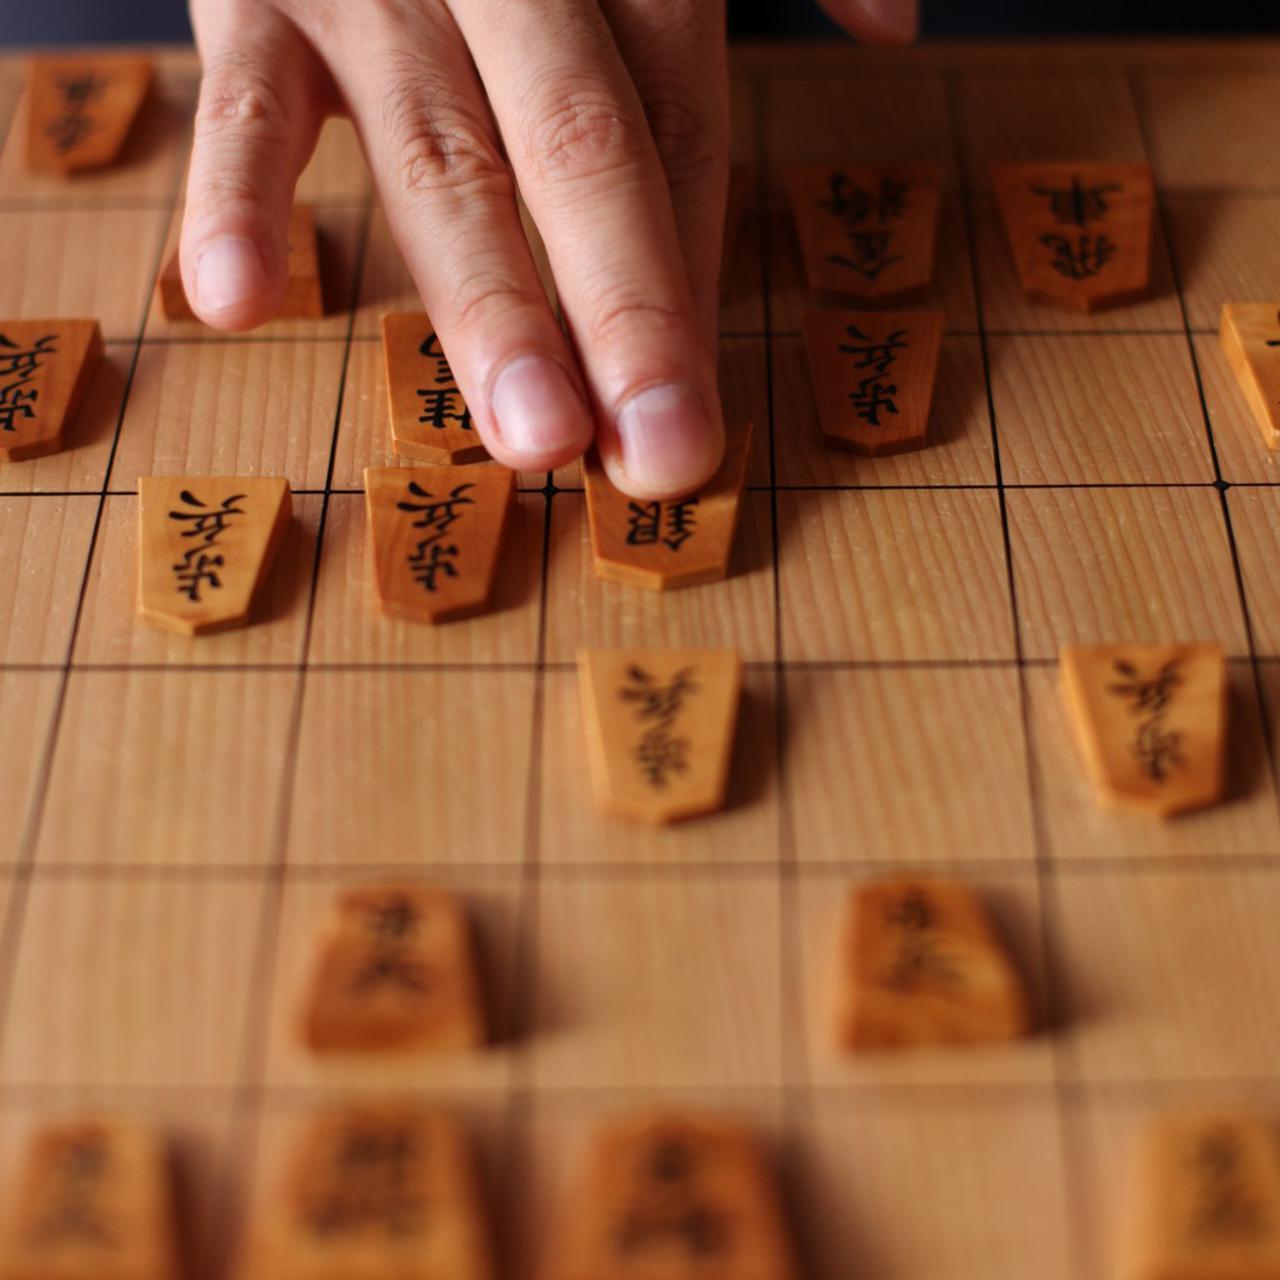 画像: ゴルフのためにと将棋とチェスを始め、マネジメントにおける逆算が速くなったようだ(撮影/阿部了)